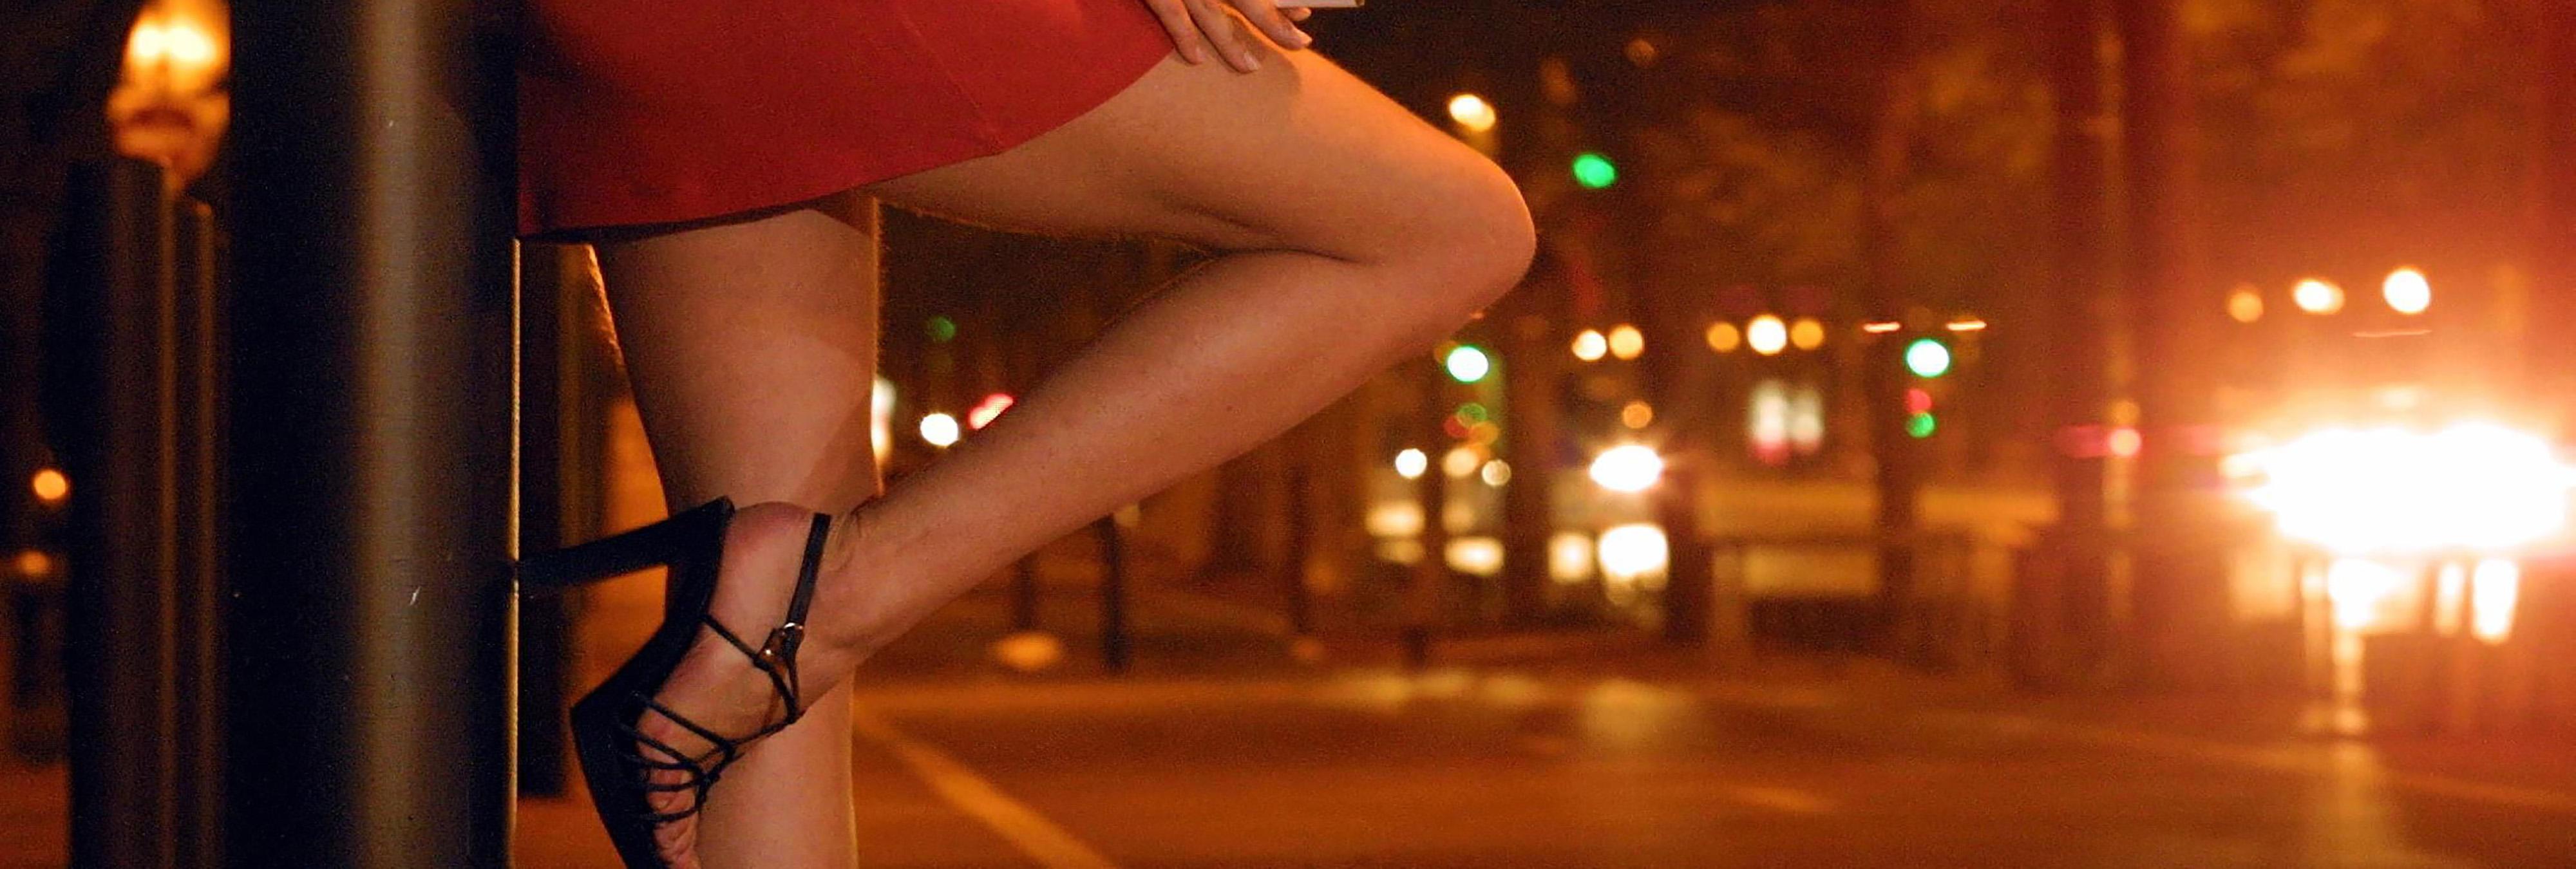 La prostitución en la literatura latinoamericana, una reflexión a vuelo de pájaro